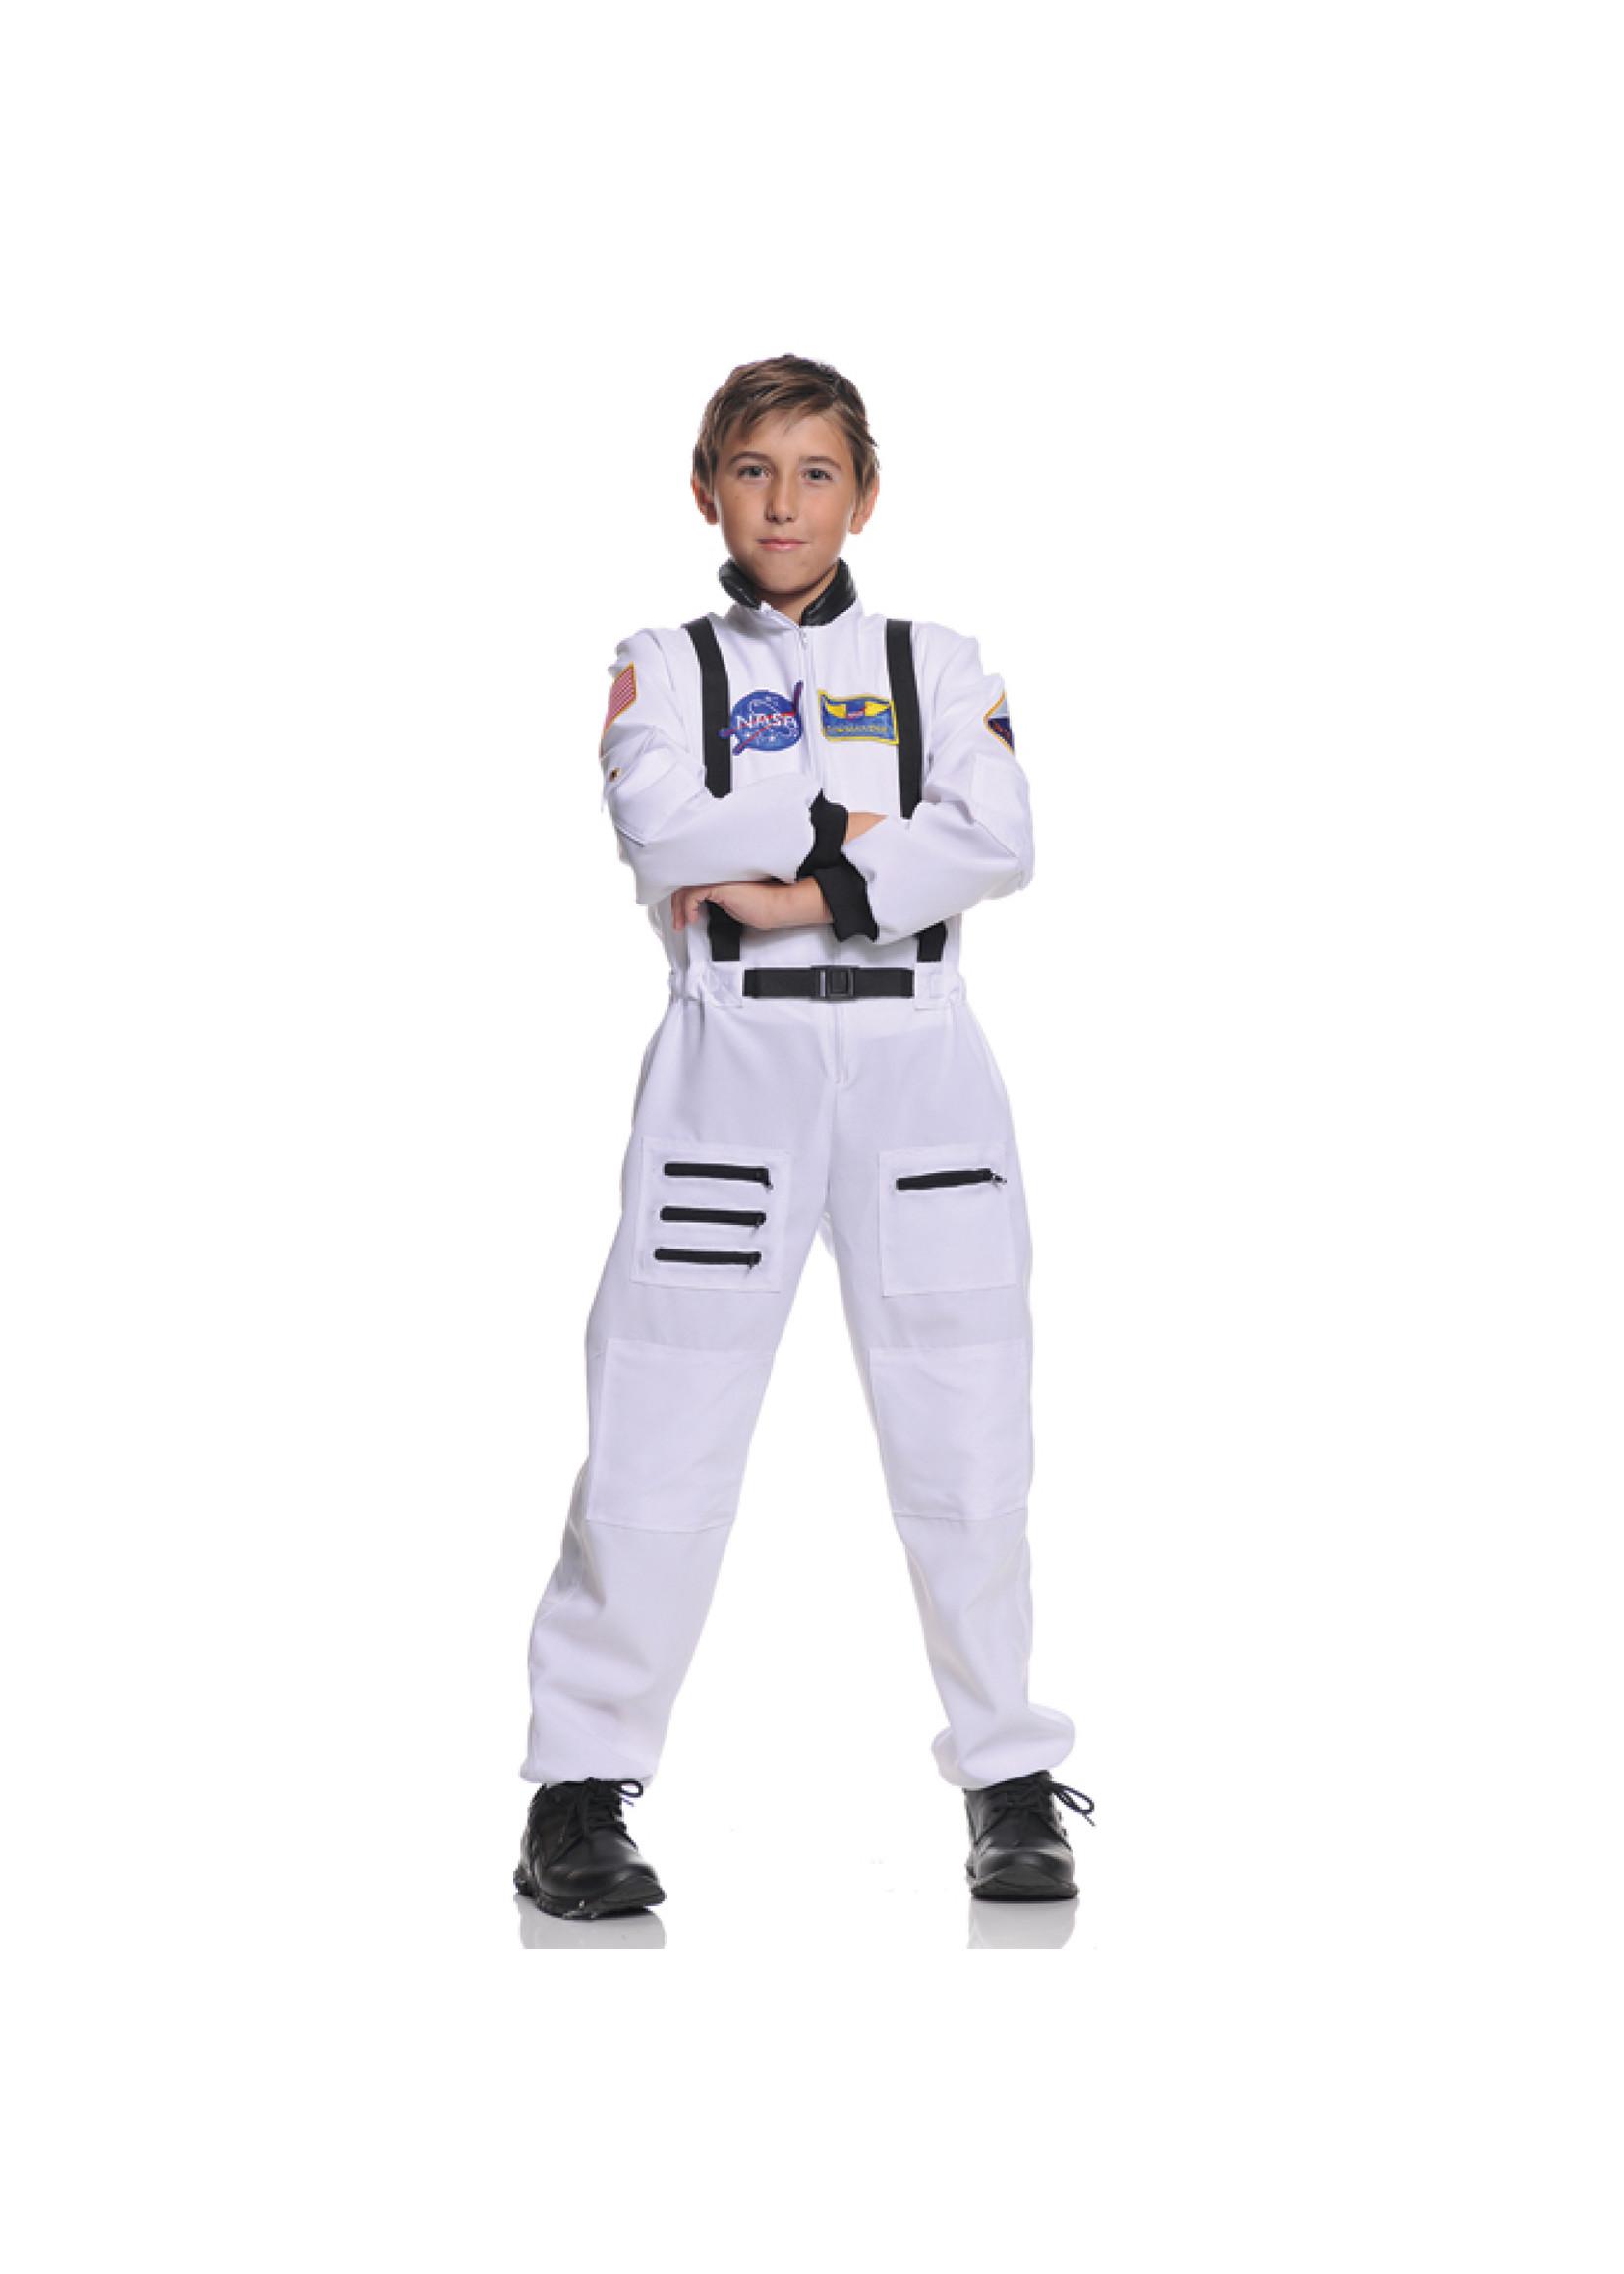 UNDERWRAPS Astronaut Costume - Boy's